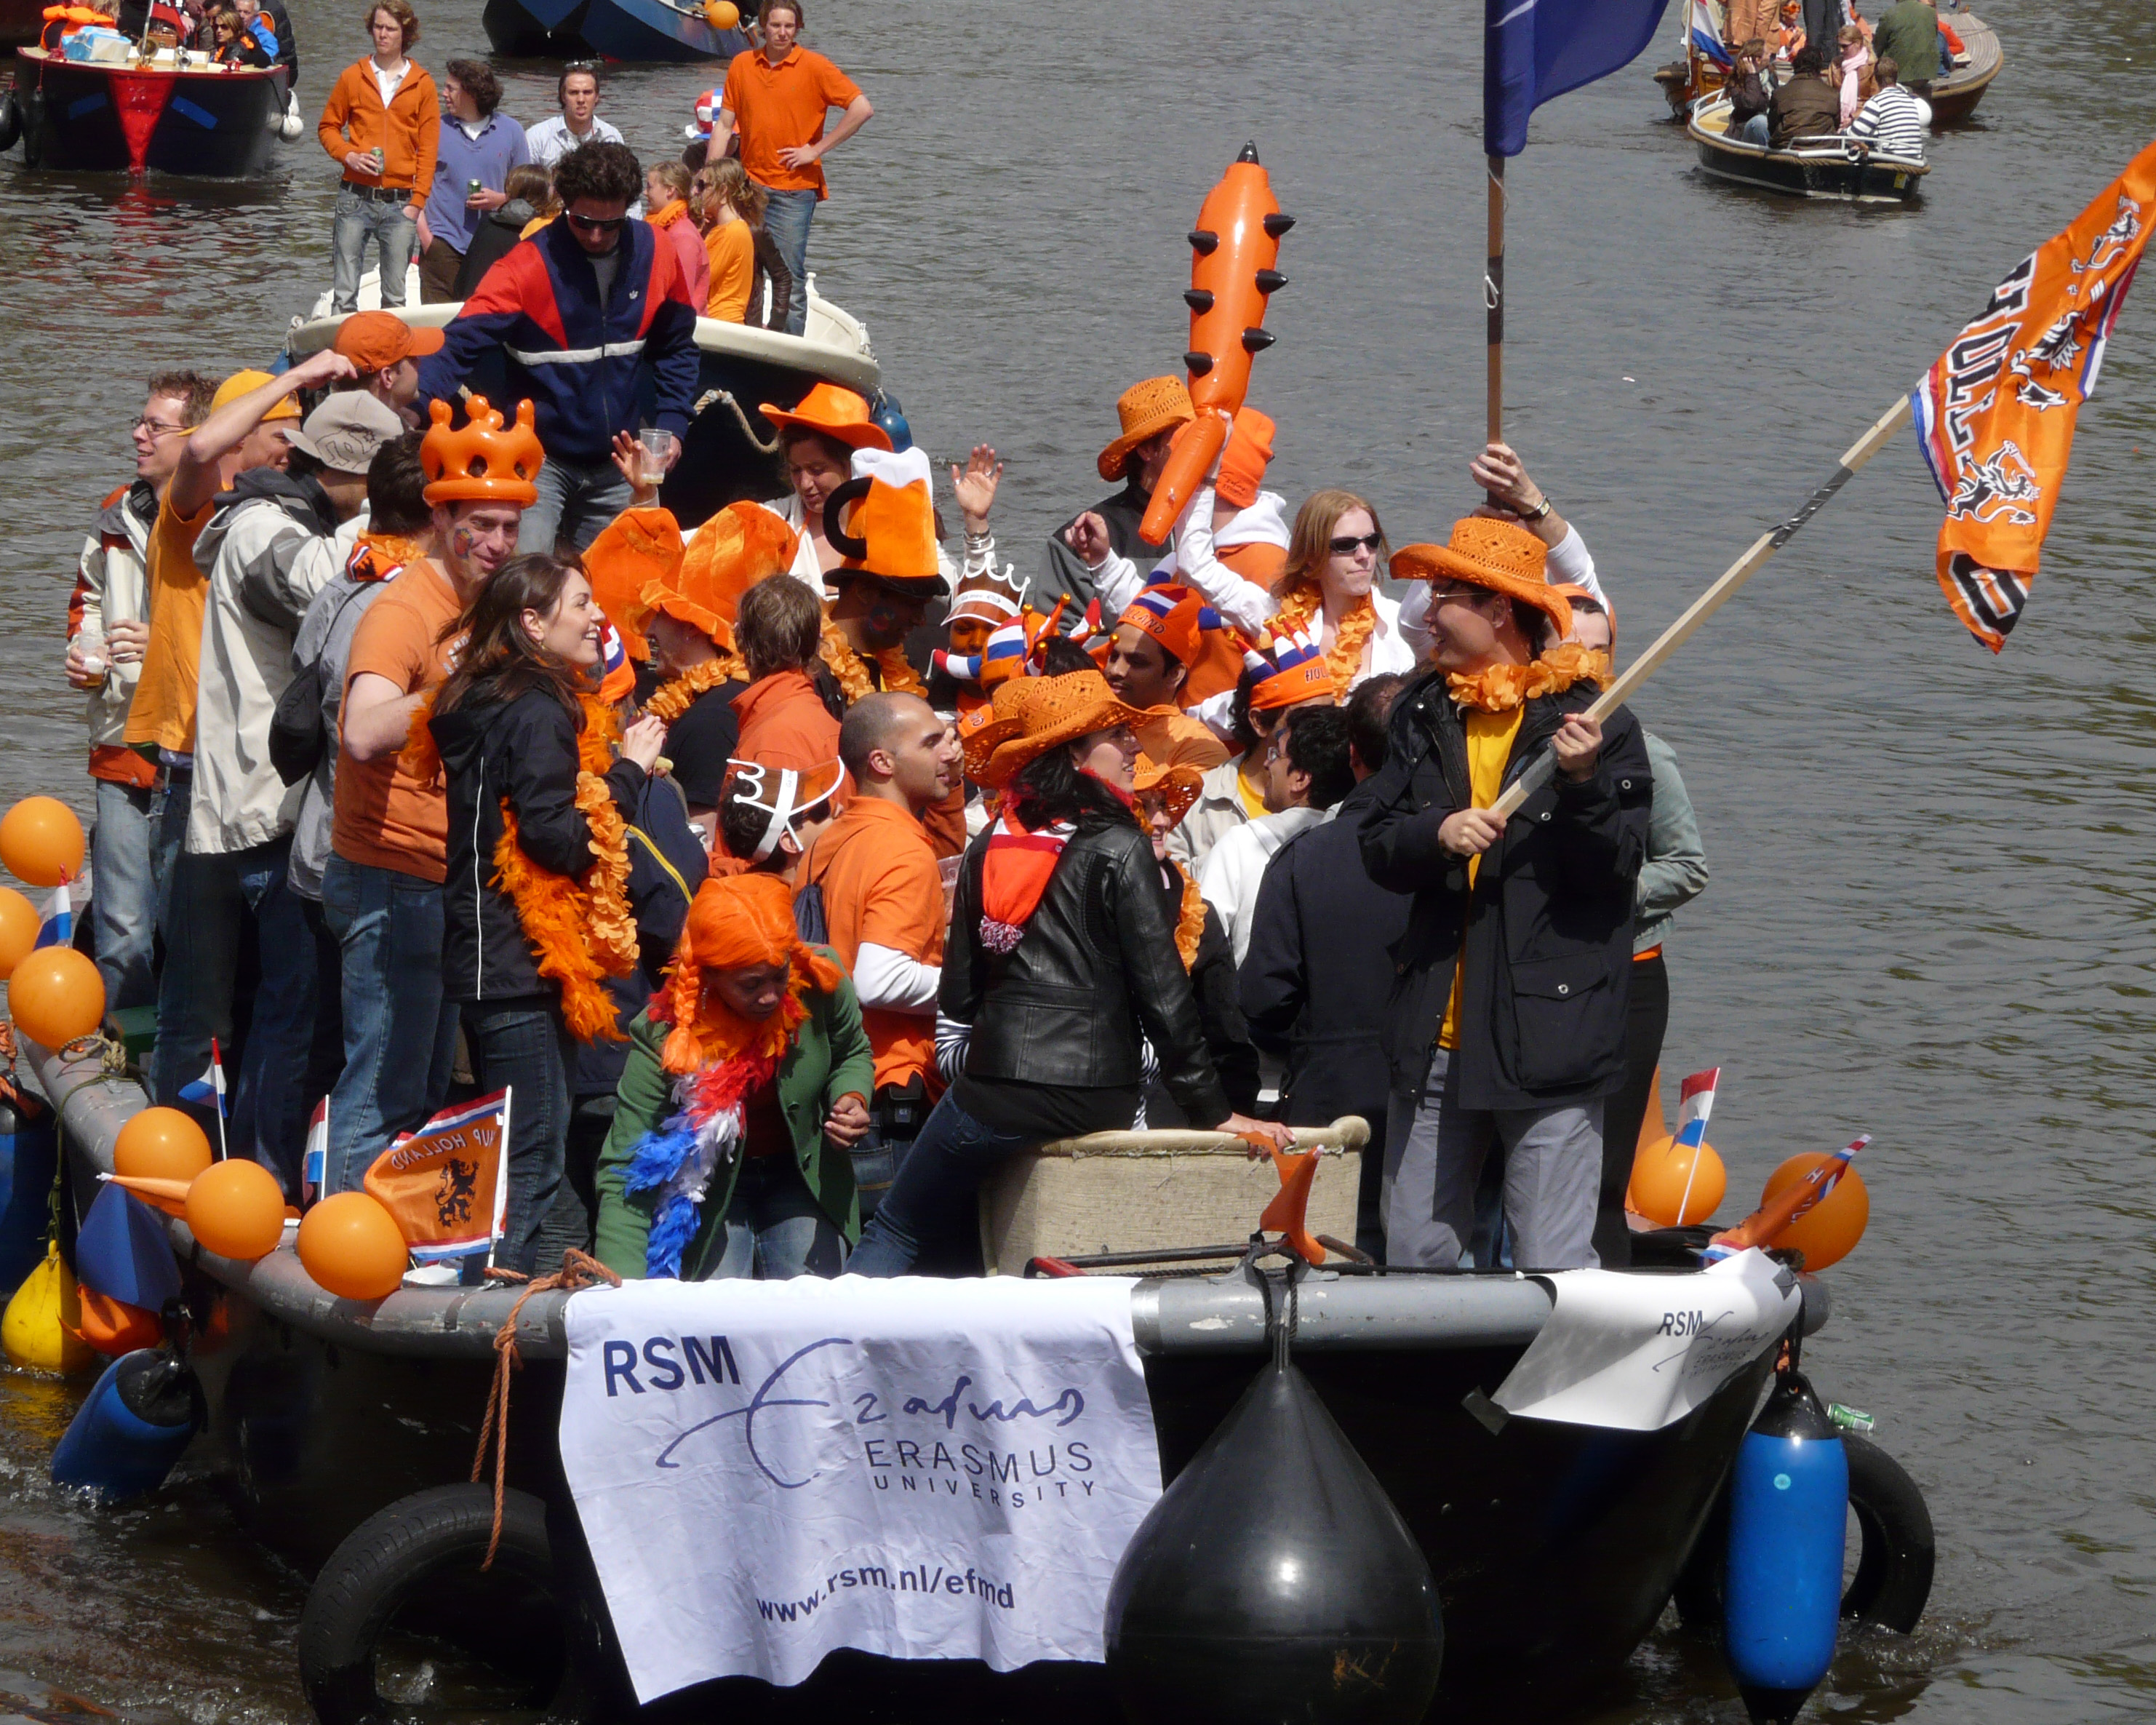 День королевы в Нидерландах